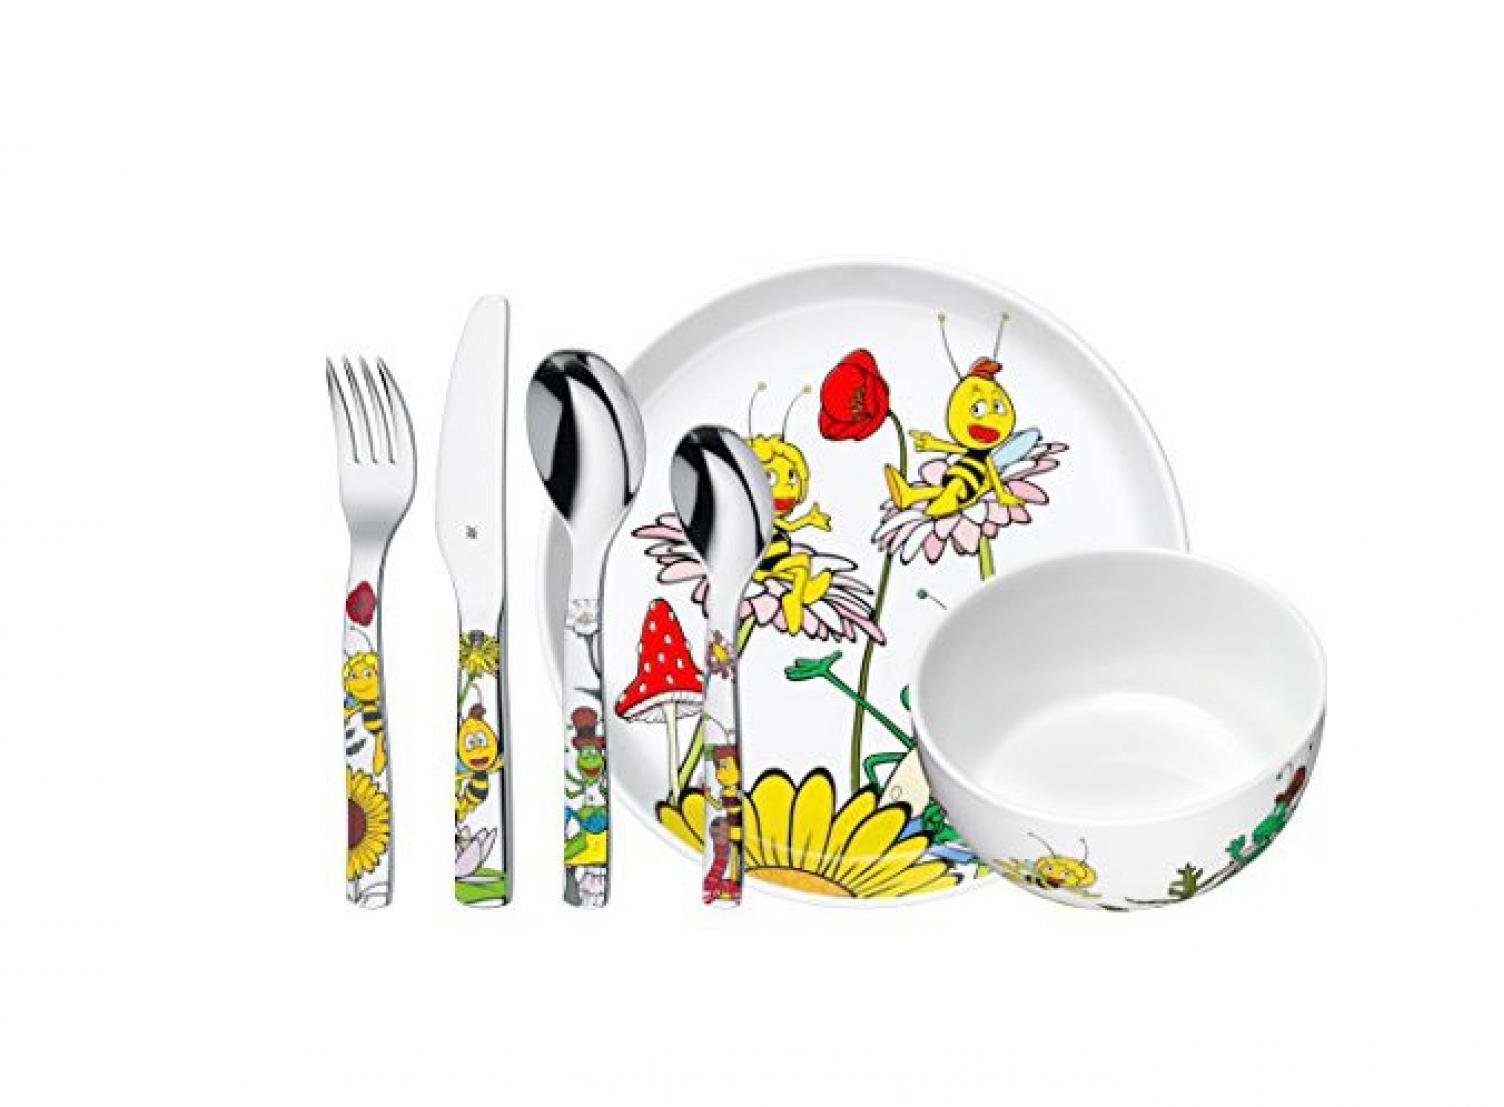 Онлайн каталог PROMENU: Набор столовый детский WMF BIENE MAJA, разноцветный, 6 предметов WMF 12 9440 9964